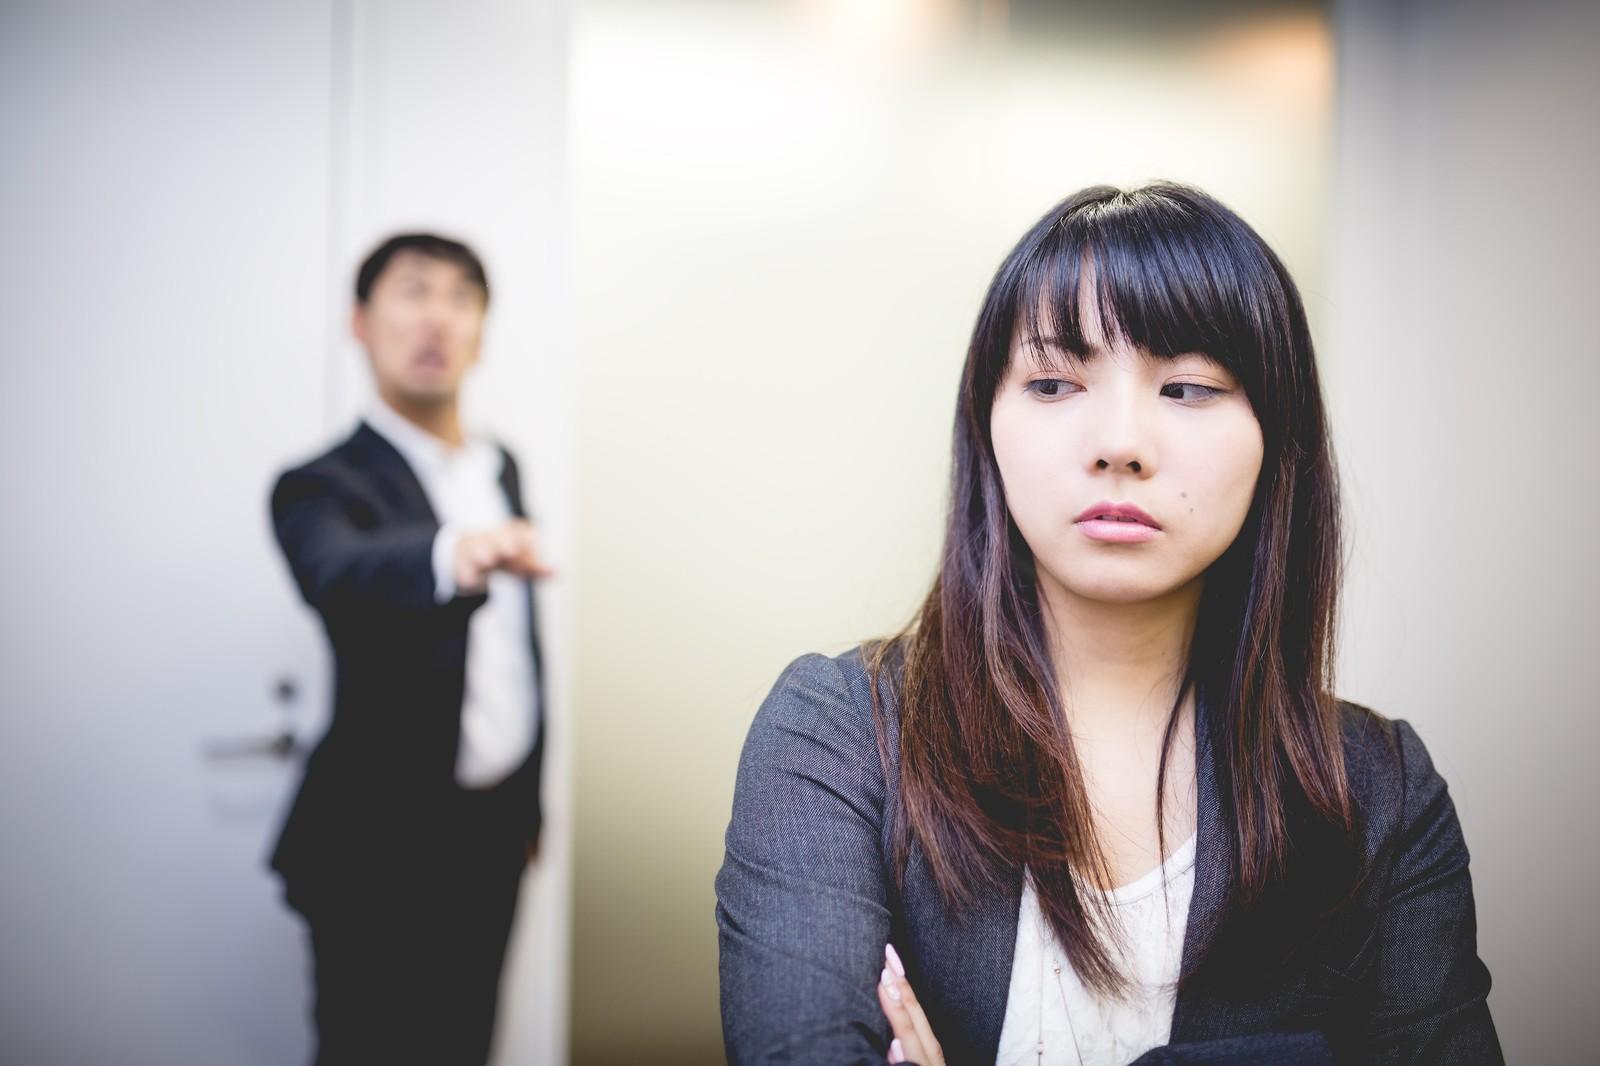 正社員よりも派遣社員の方が給料や待遇、休み日数が多い場合があります